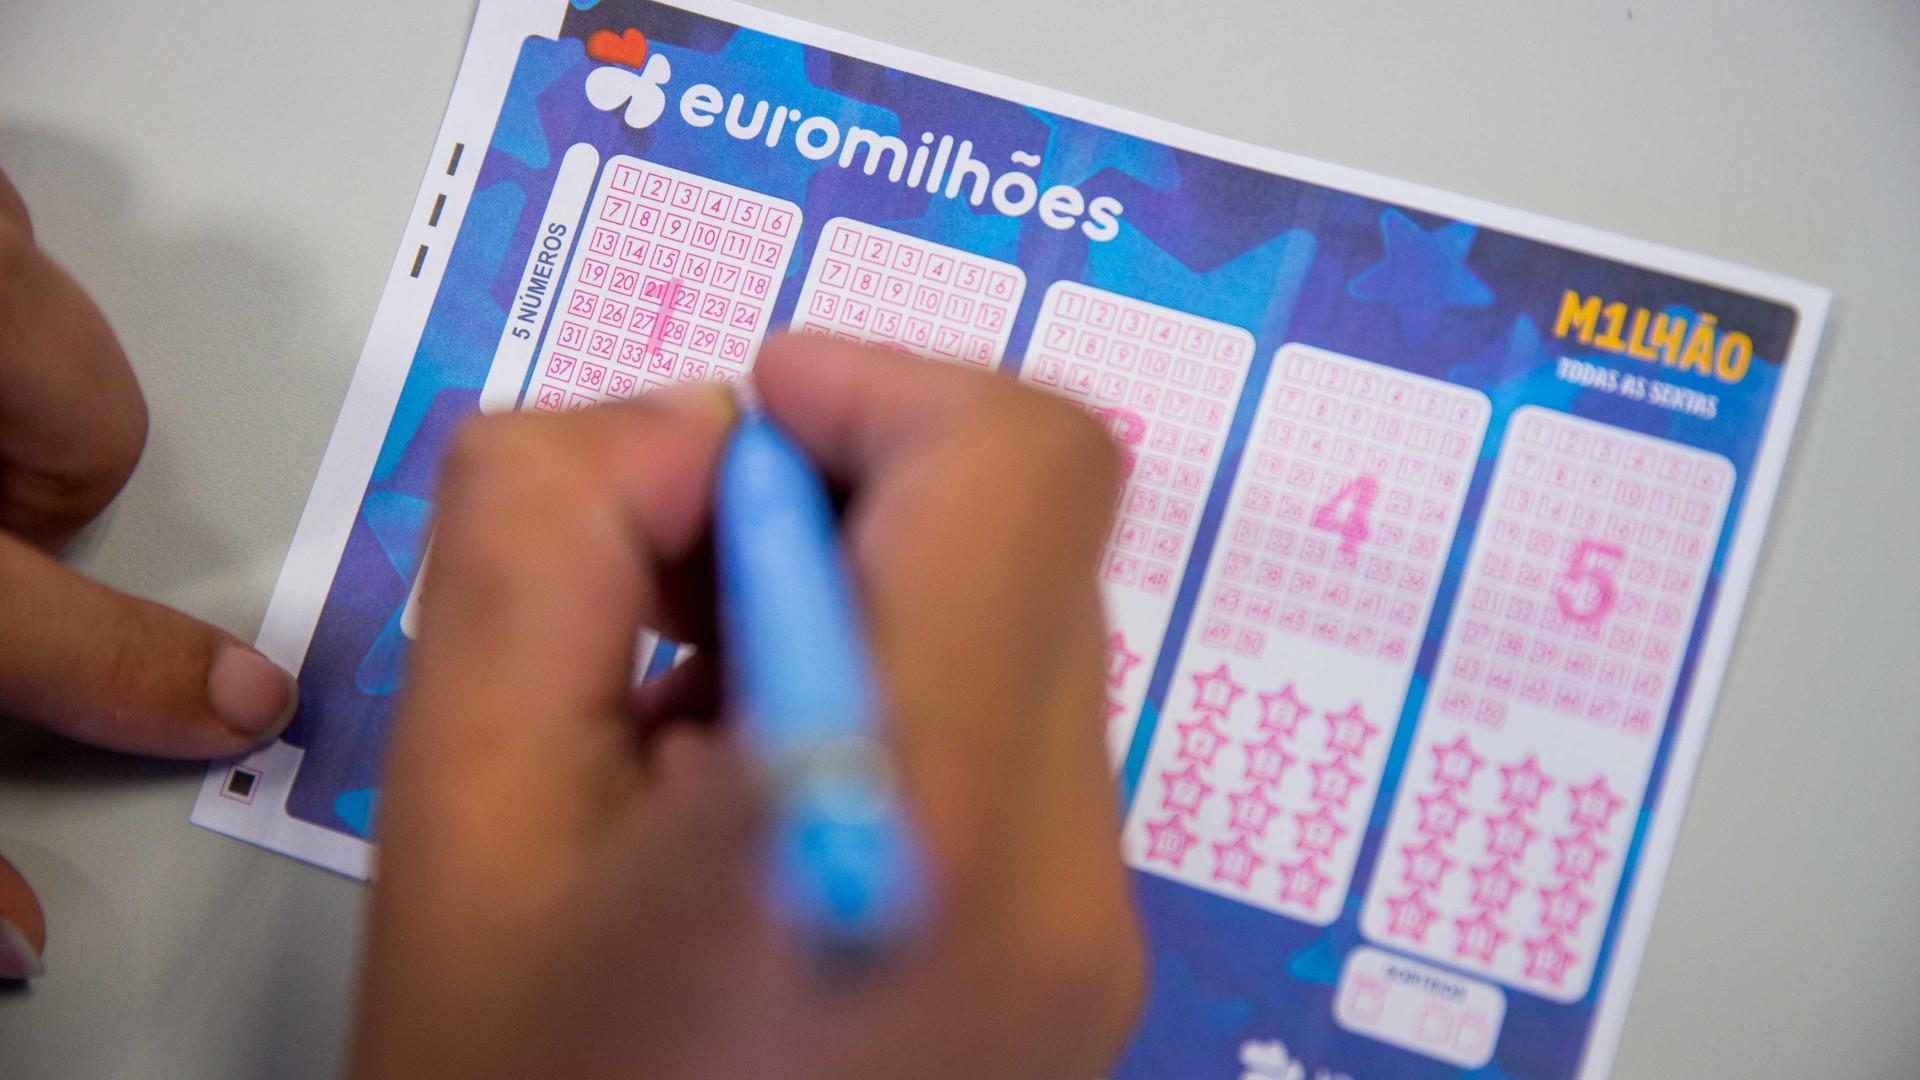 Conheça a chave vencedora do Euromilhões desta sexta-feira